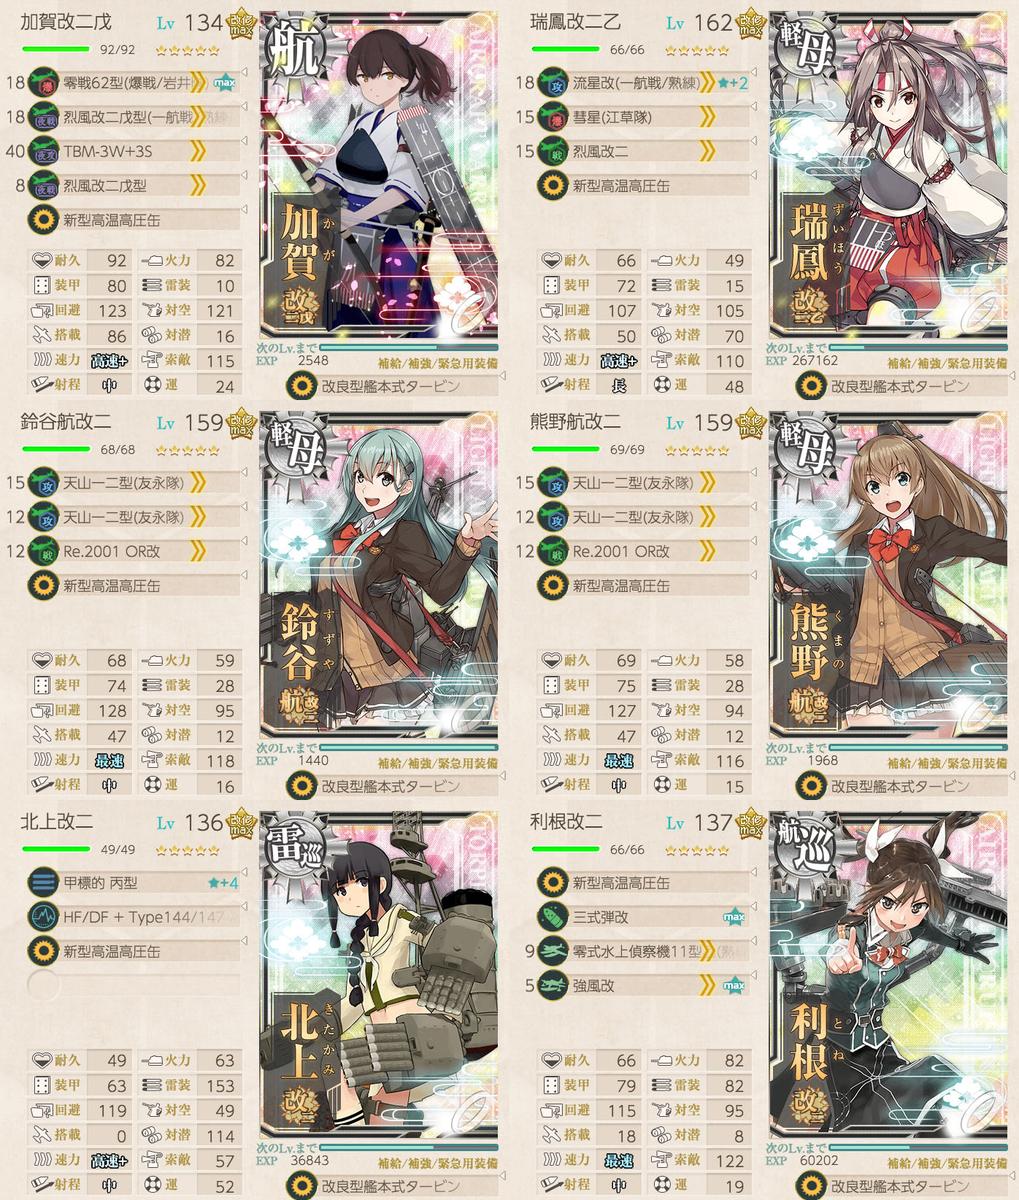 f:id:nameless_admiral:20200914205155j:plain